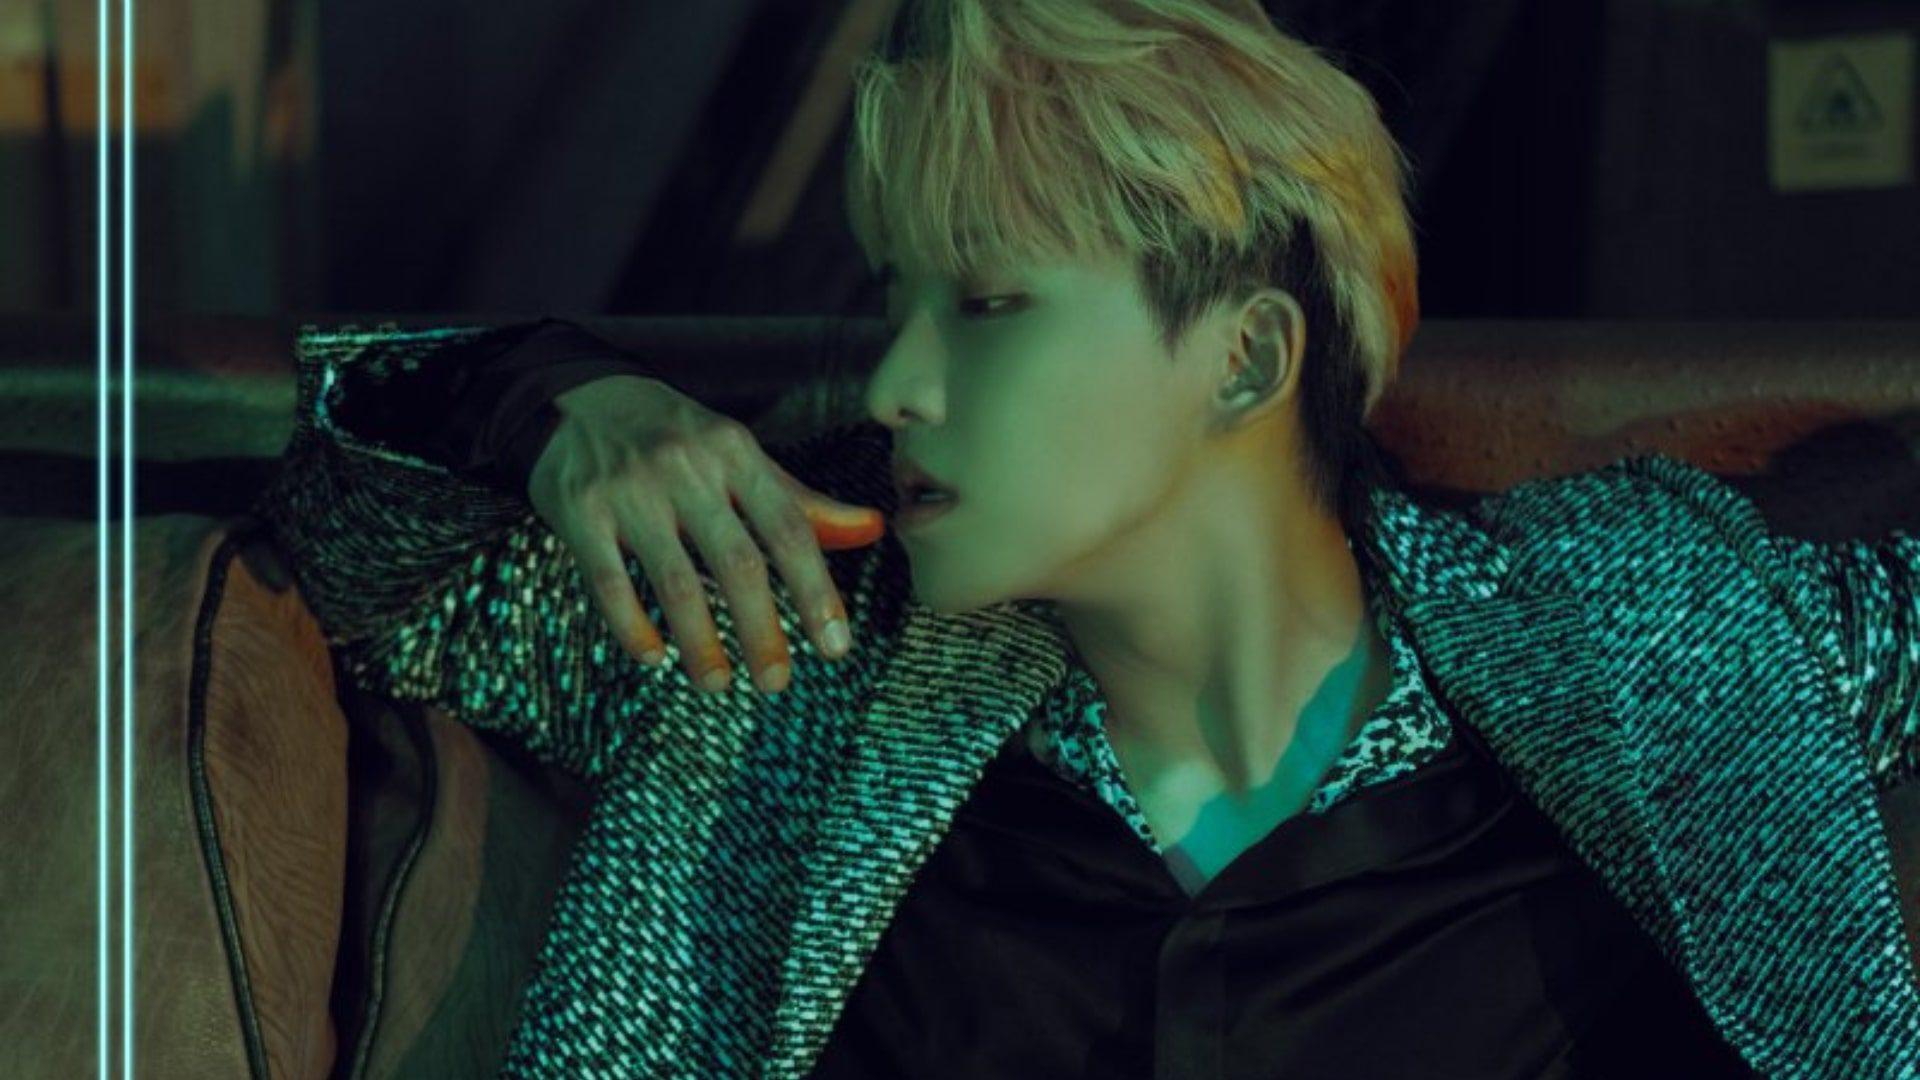 Triple7 (777) Kpop Profile Meet The Members